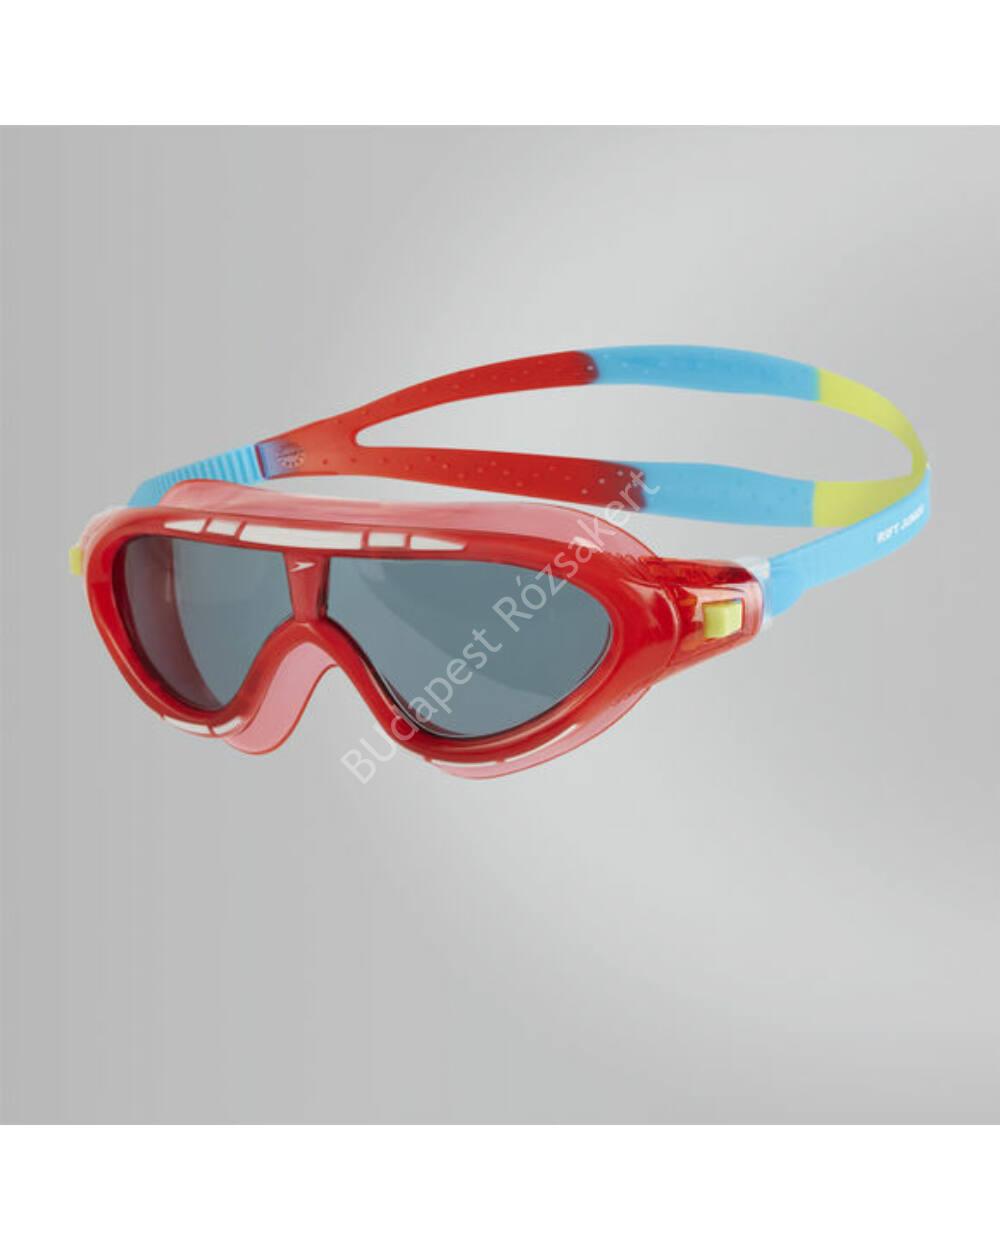 Speedo Rift Mask Junior úszószemüveg, piros 6-14 éves